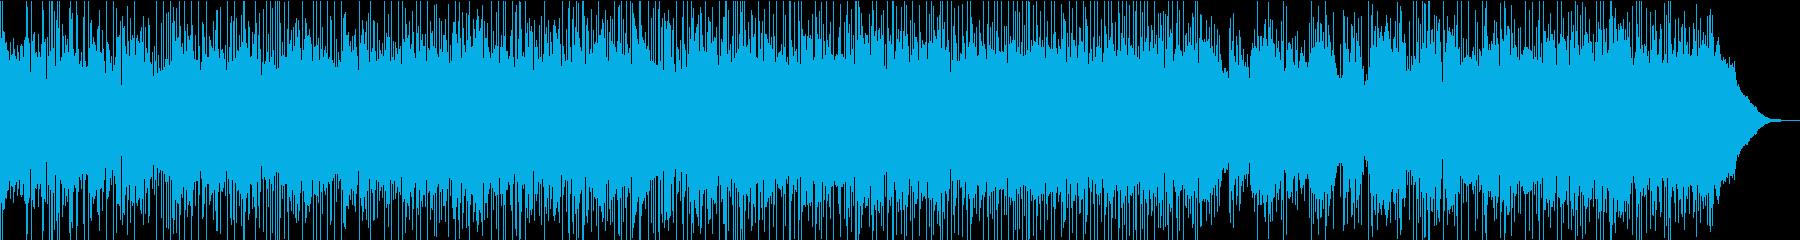 英詞ソロもコーラスも!カントリーロック!の再生済みの波形